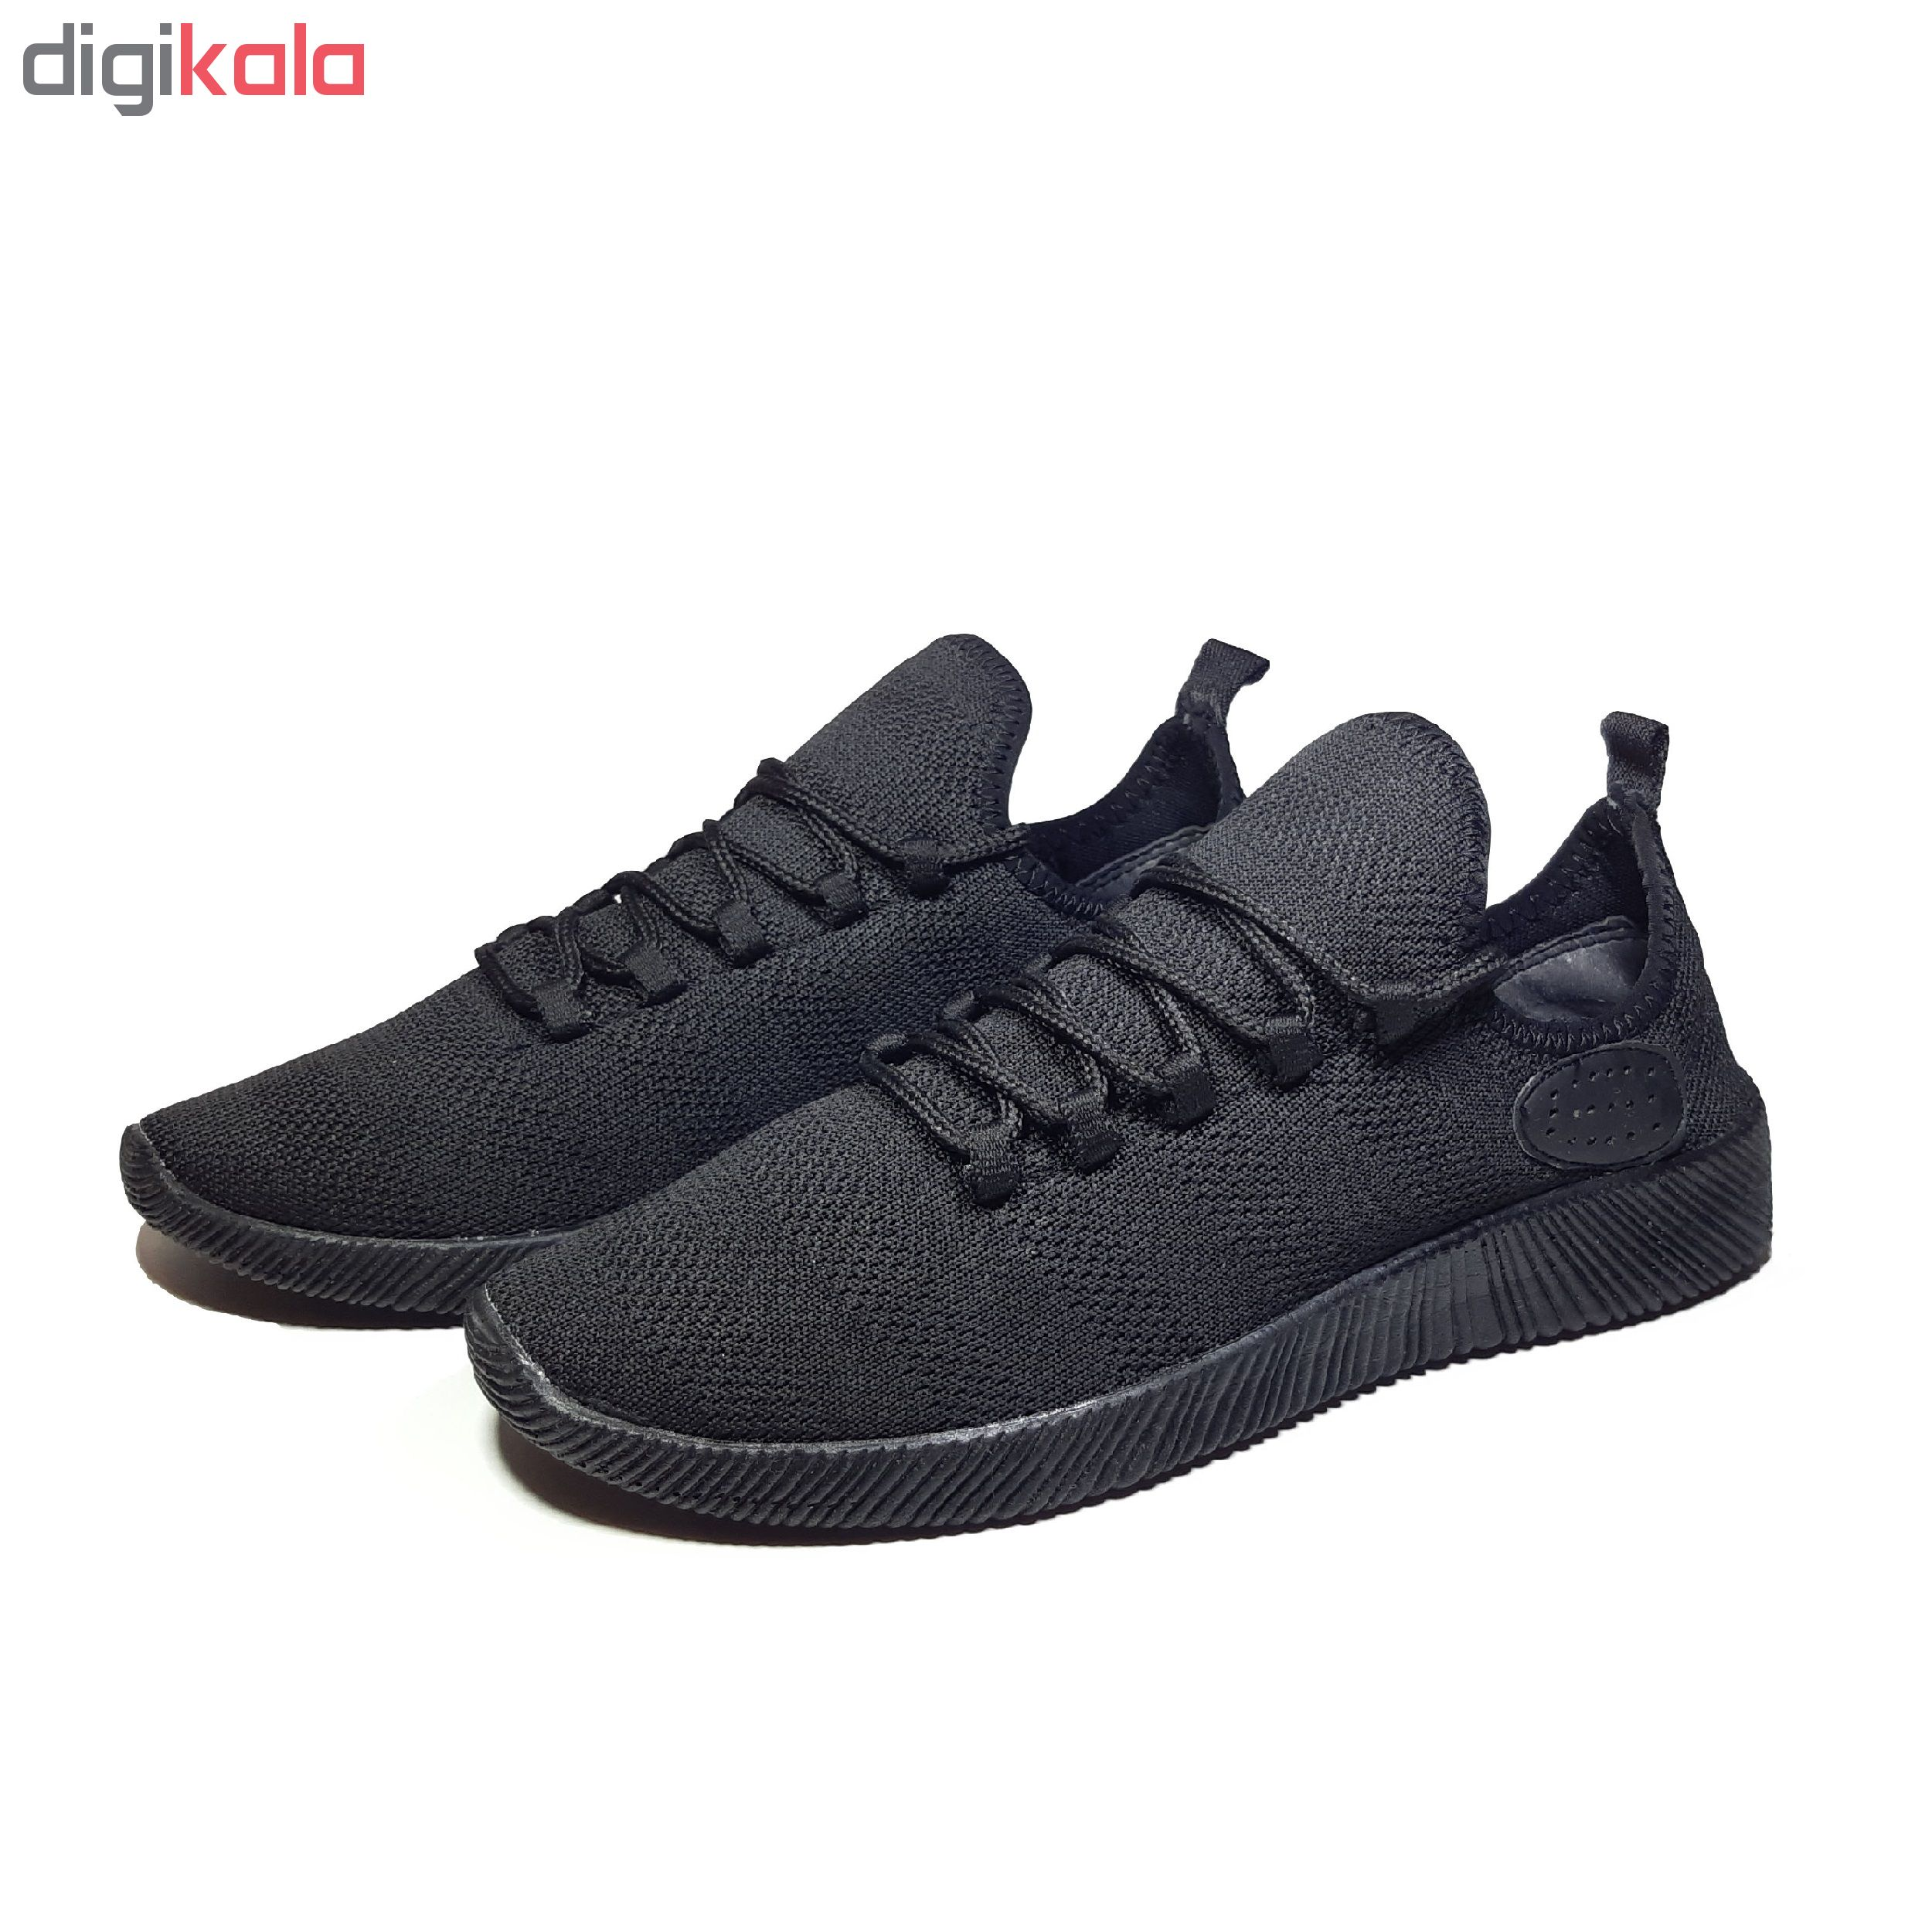 کفش مخصوص پیاده روی زنانه مدل Dharma Black W